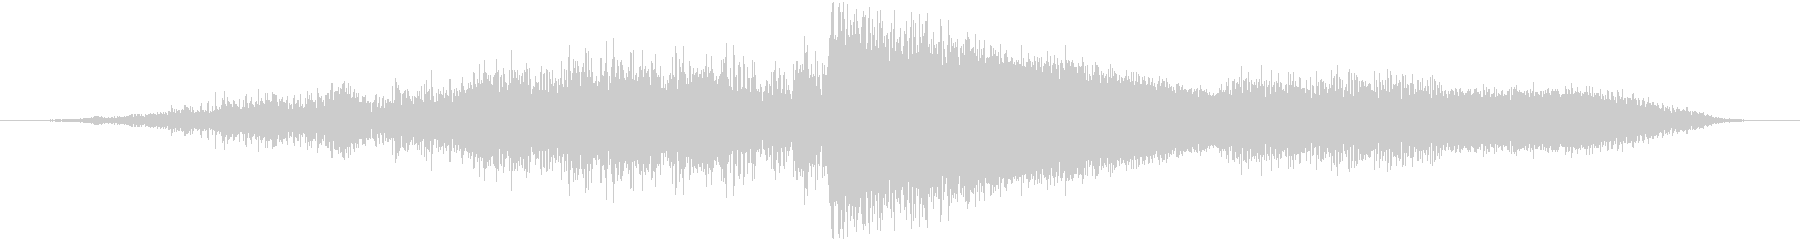 重い着信プラズマバースト爆発の未再生の波形